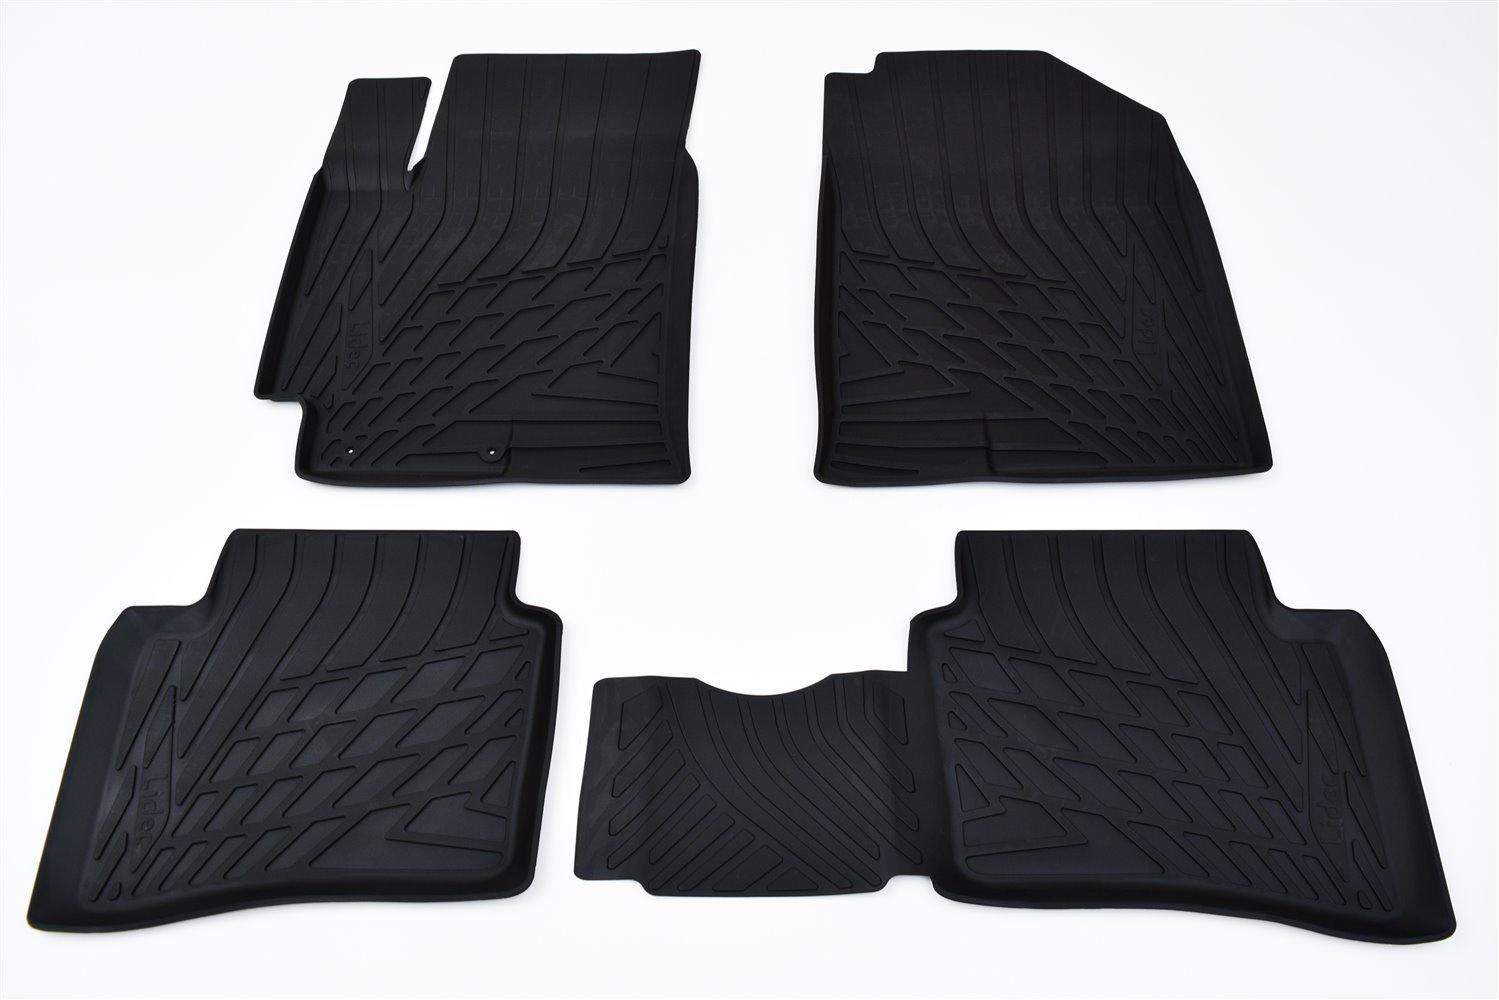 Коврики в салон автомобиля Avtodriver литьевые для Kia Soul, Np11-Ldc-43-701, черный gm ldc 300o